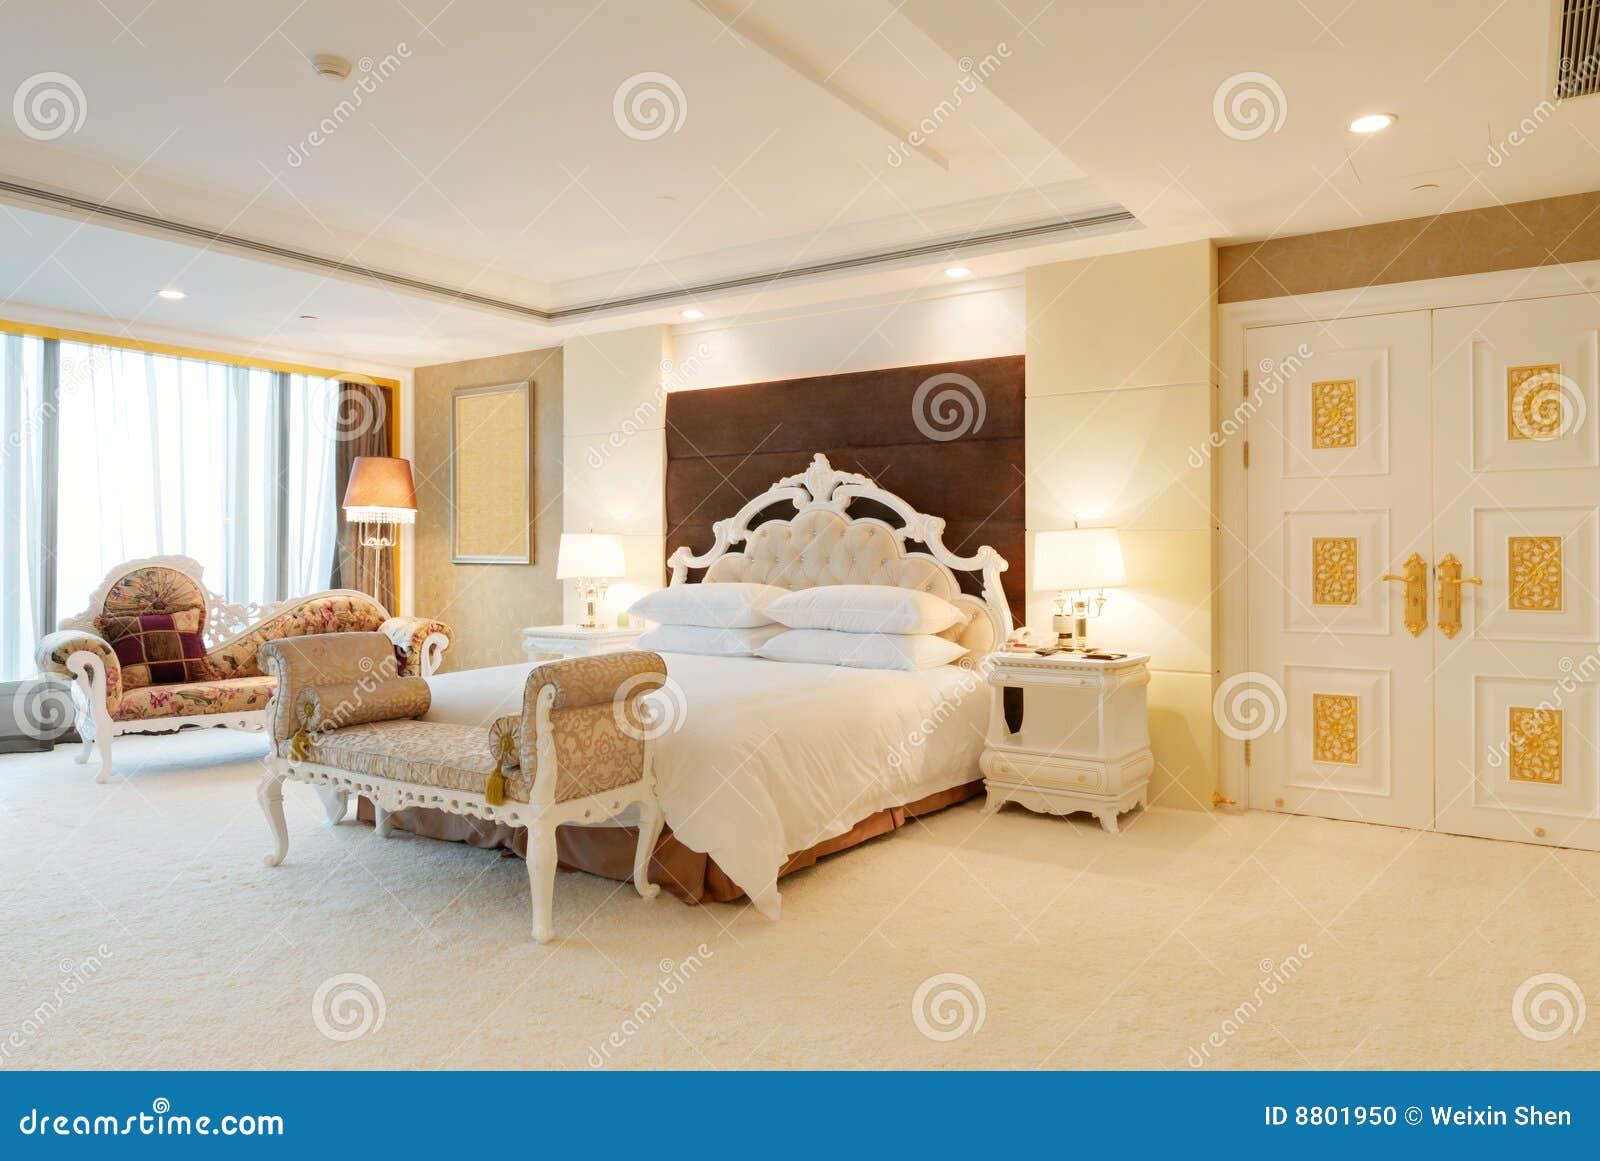 Bedroom of luxury suite in hotel